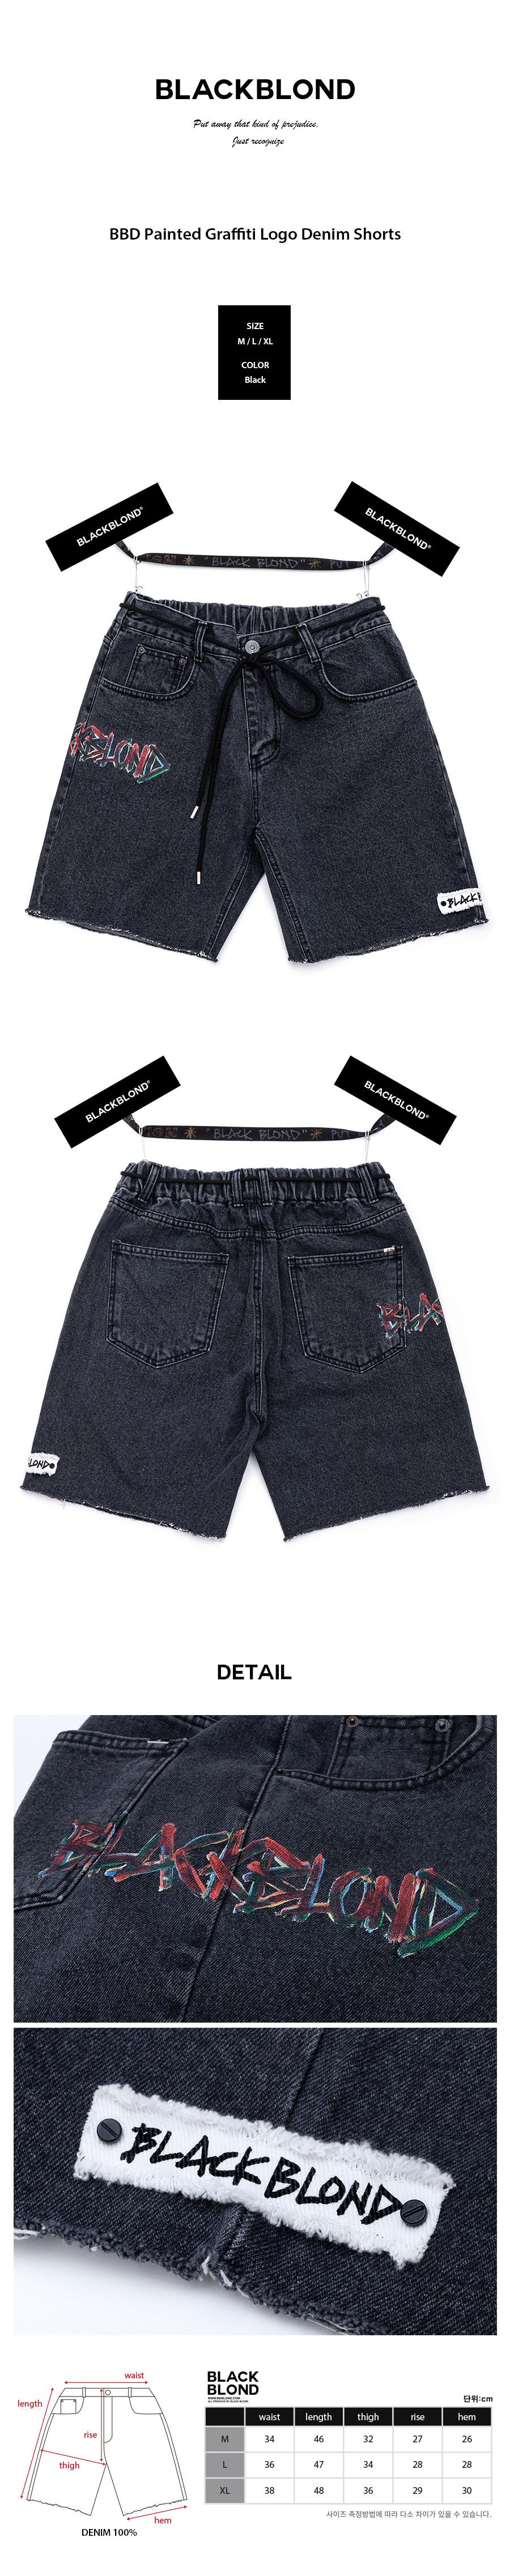 BLACKBLOND - BBD Painted Graffiti Logo Denim Shorts (Black)